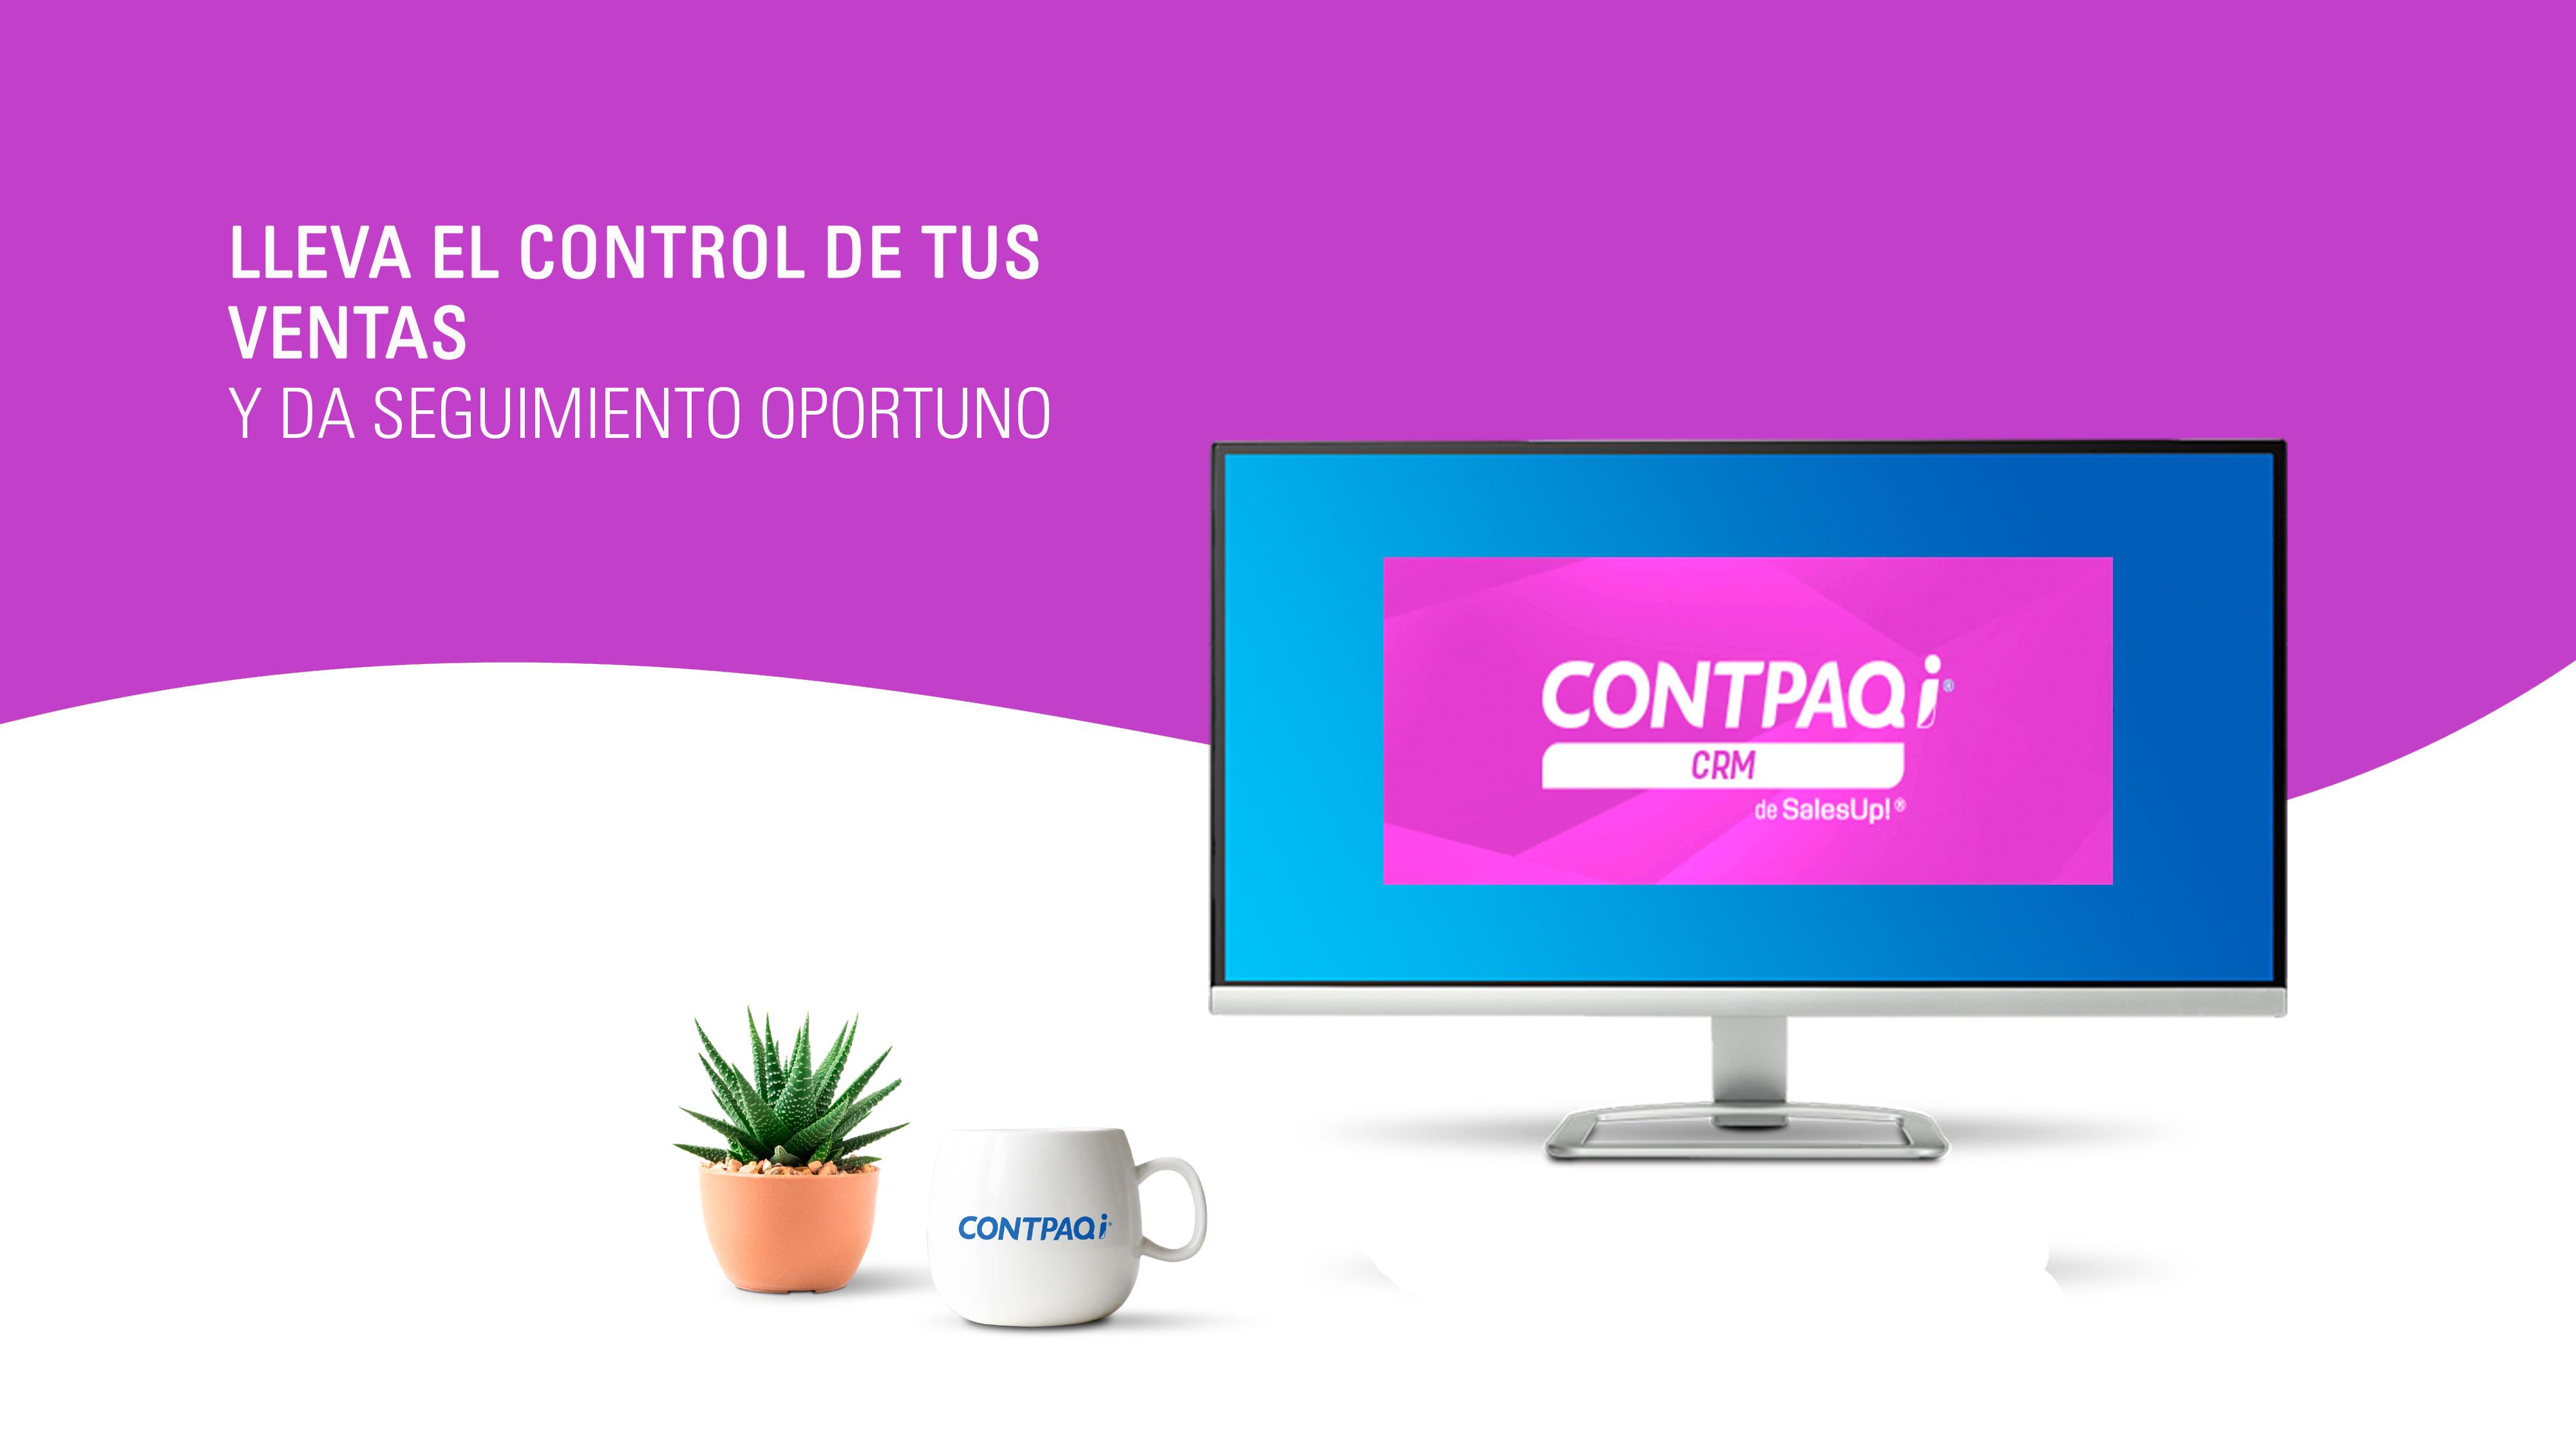 Contpaqi CRM Querétaro